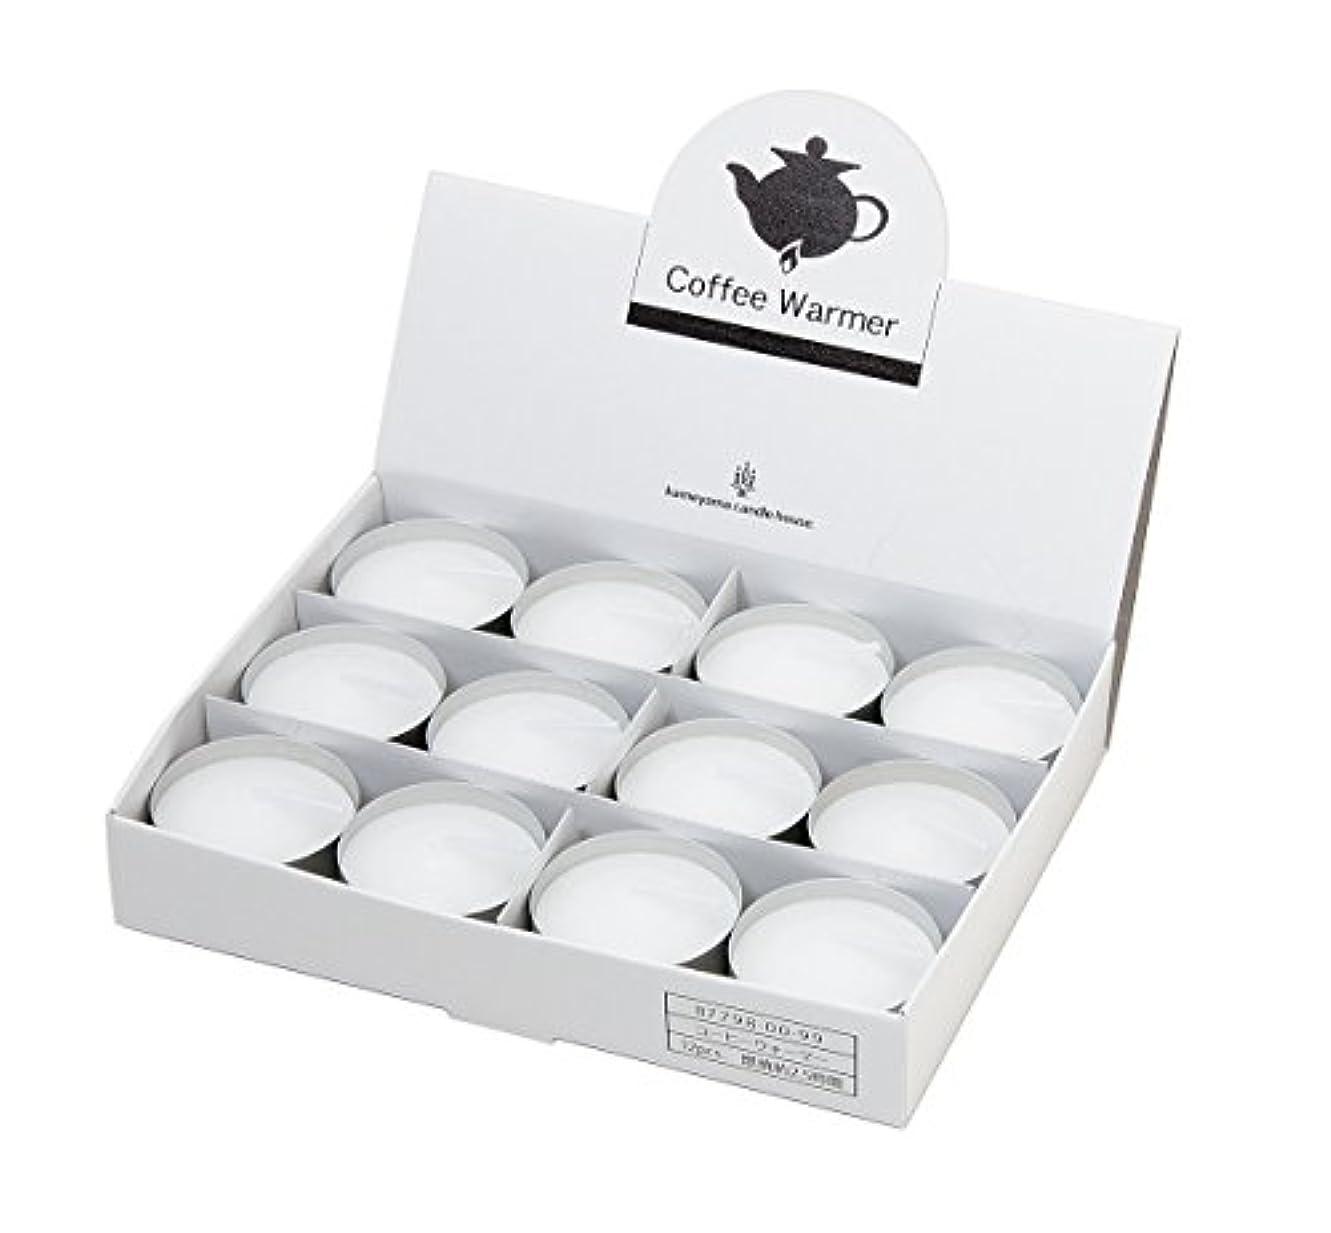 ガイダンス協力的信じるカメヤマキャンドルハウス チョコレートフォンデュなどにもおすすめ 大きめ炎で保温できる コーヒーウォーマーキャンドル(1箱12個入) 燃焼時間約2時間30分